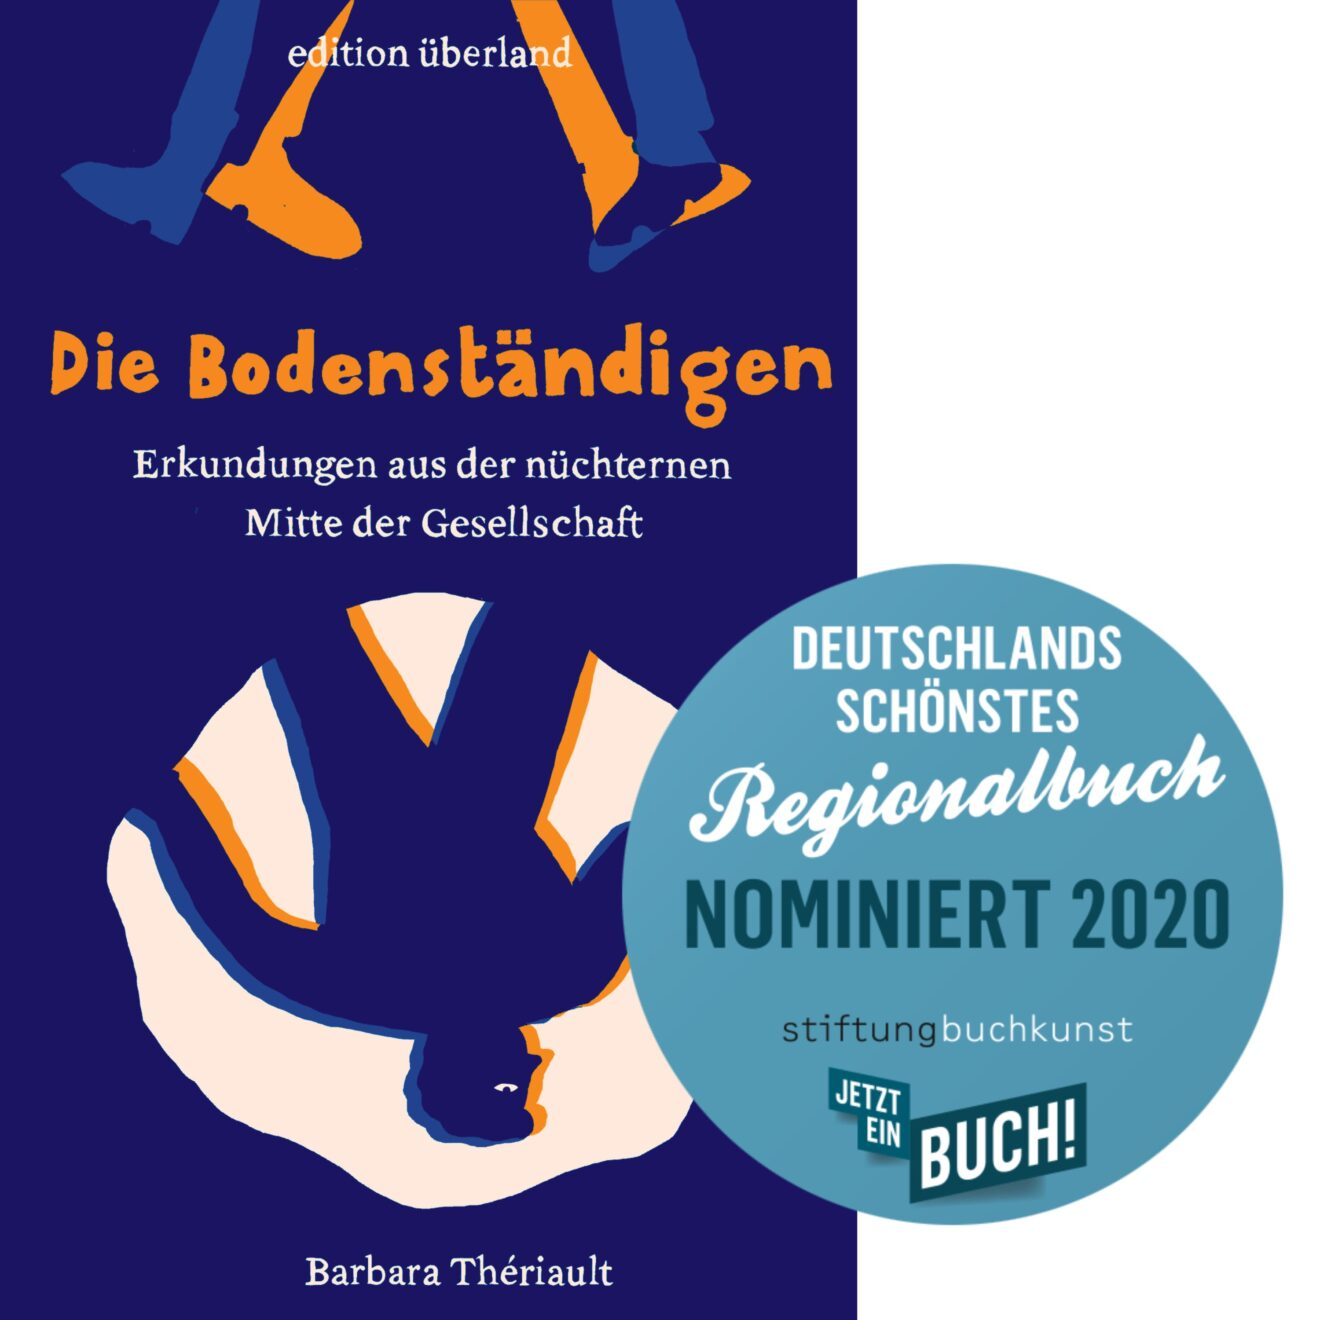 »Die Bodenständigen« von Barbara Thériault – nominiert als Deutschlands schönstes Regionalbuch 2020